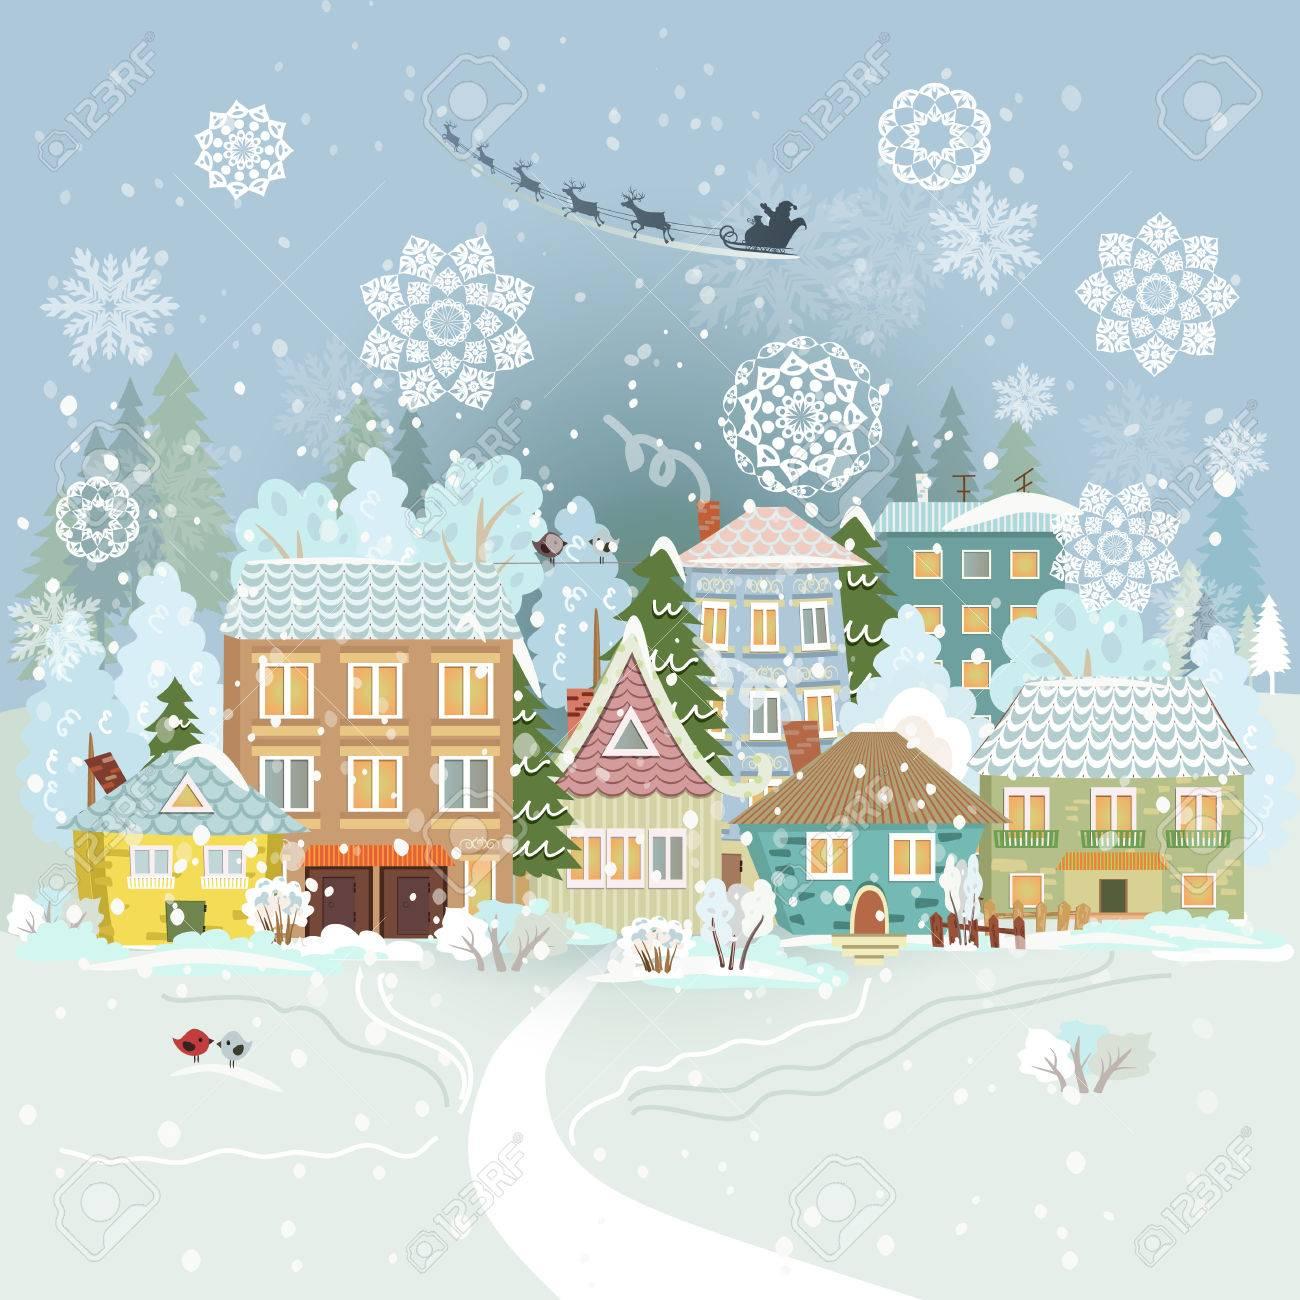 かわいい冬の街並みメリークリスマスのイラスト素材ベクタ Image